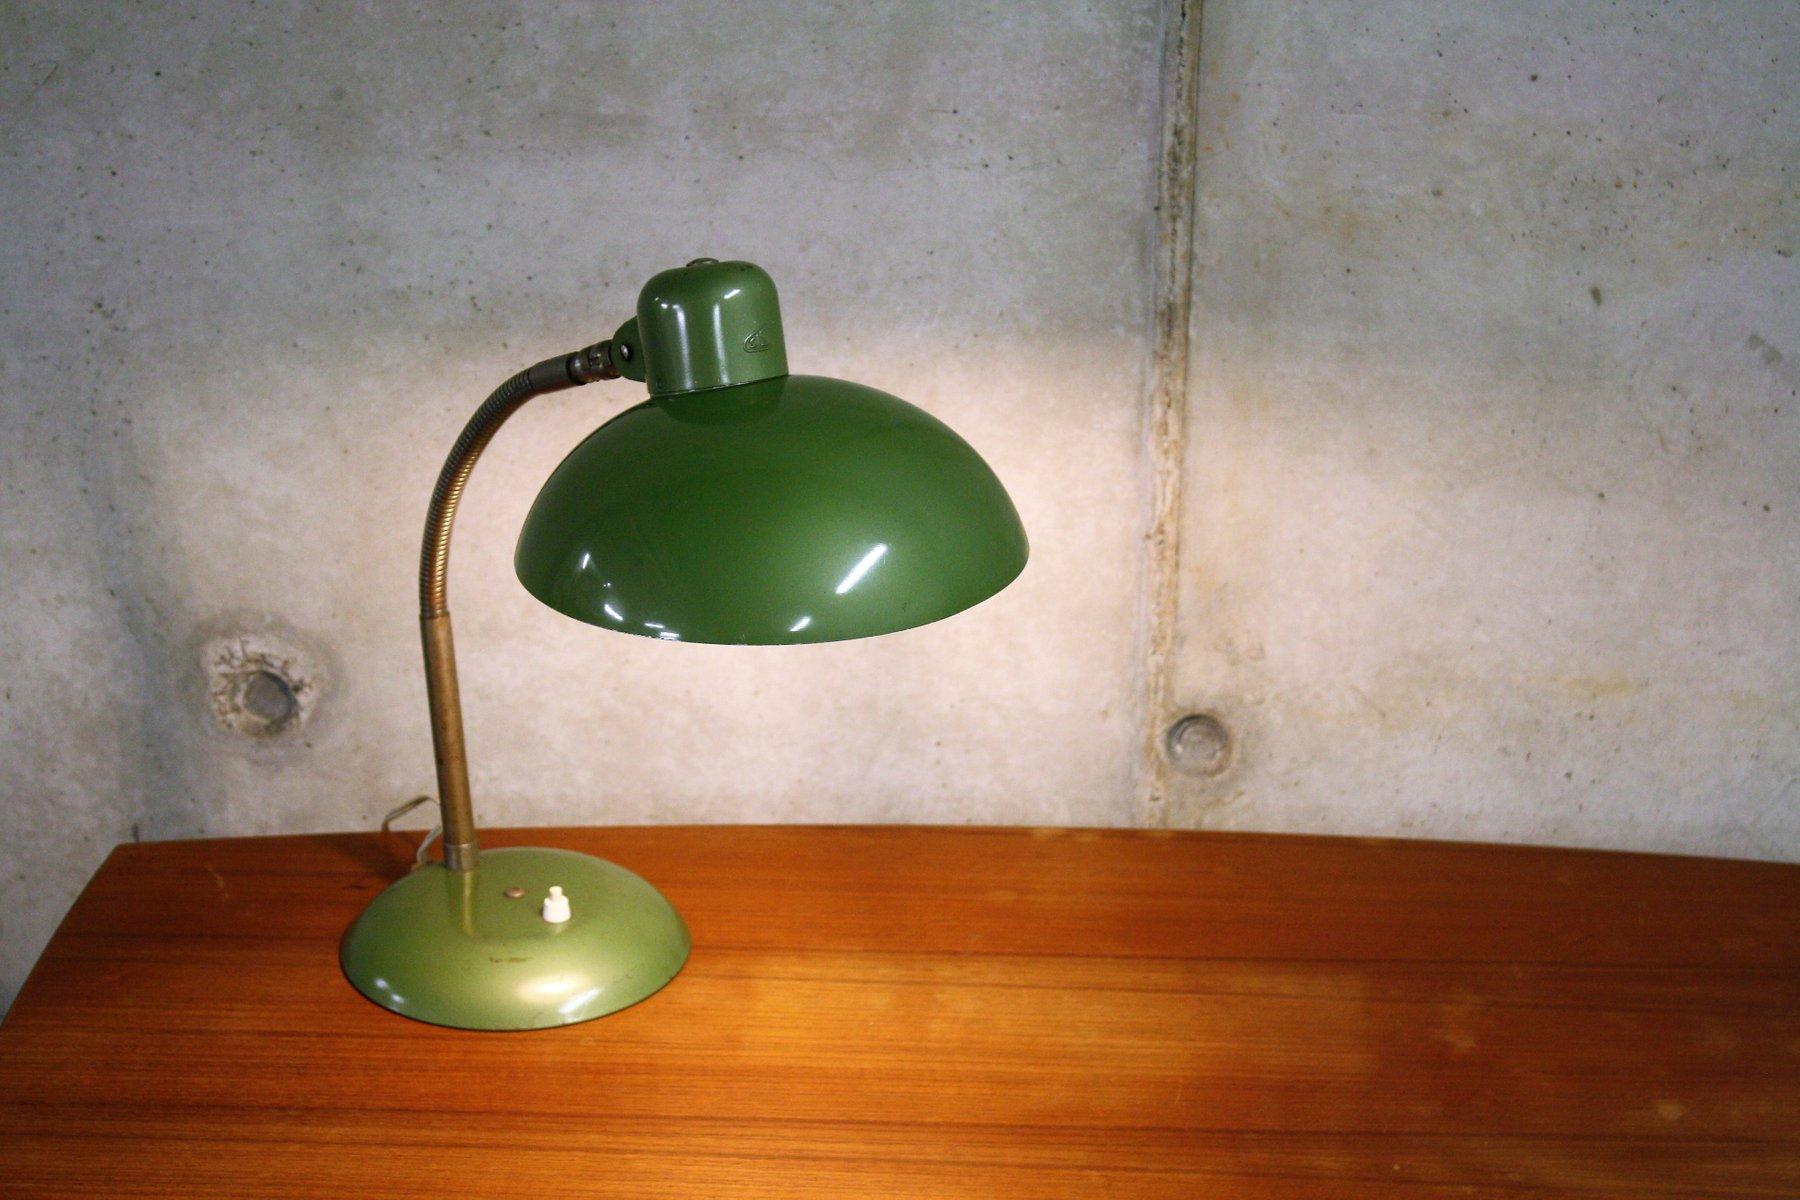 lampe de bureau bauhaus industrielle verte de sis allemagne 1950s en vente sur pamono. Black Bedroom Furniture Sets. Home Design Ideas